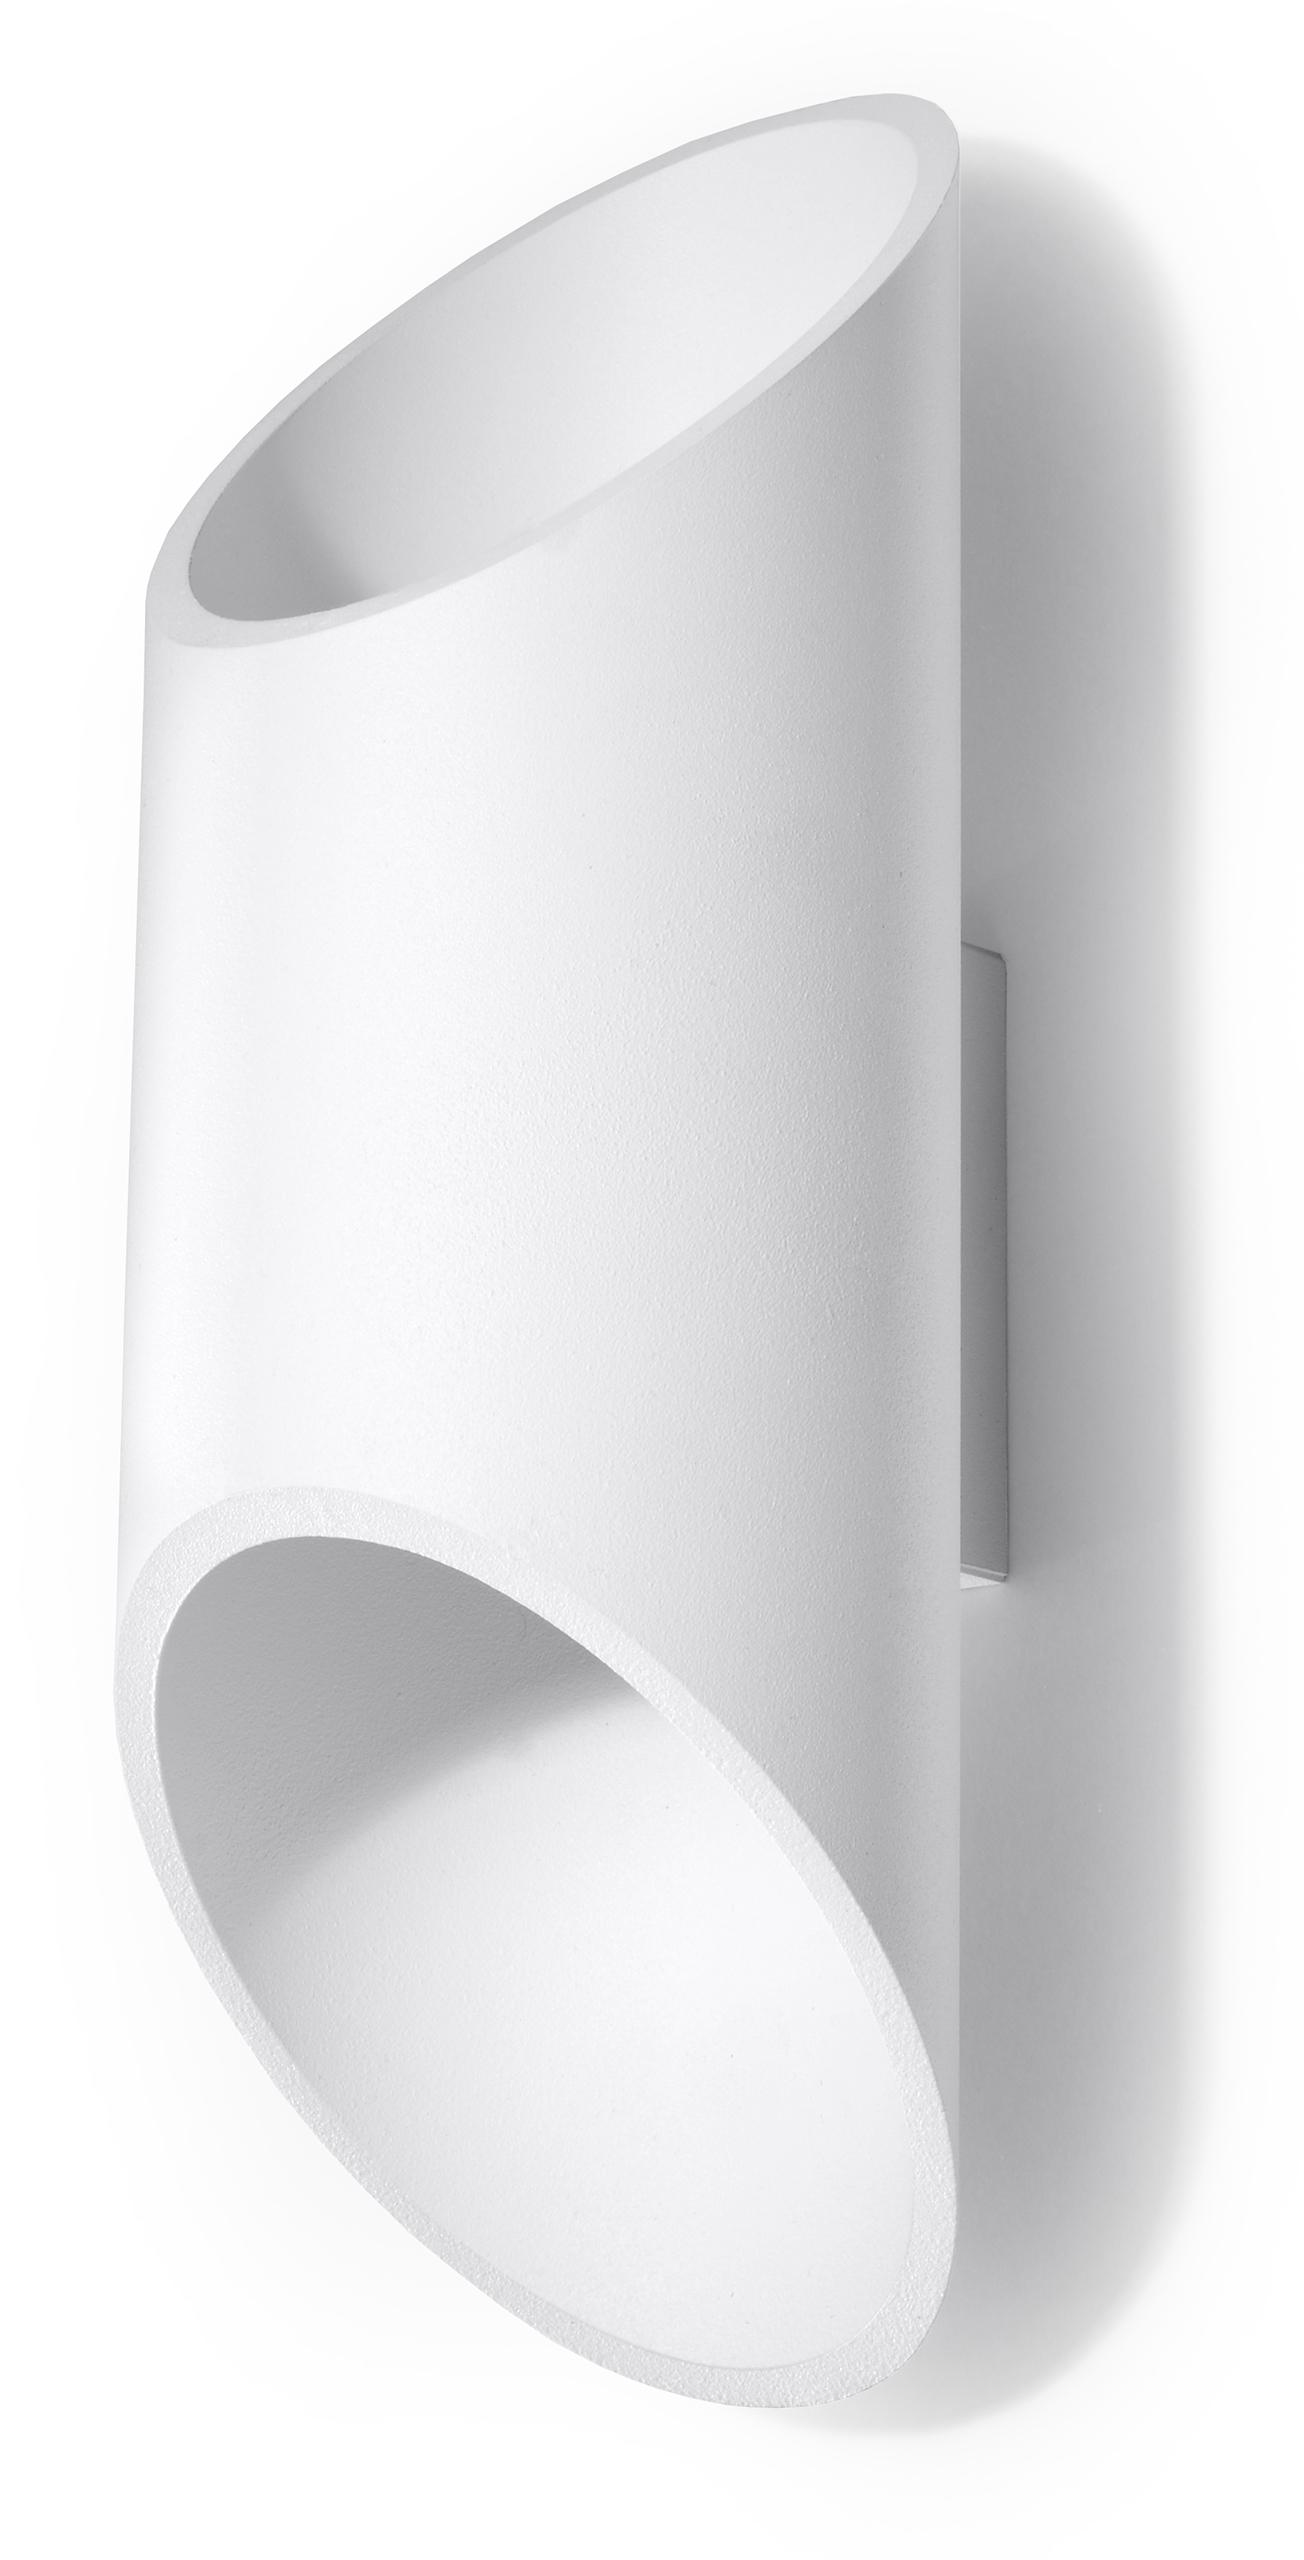 Lampa ścienna PENNE TUBA 30 biały SL.0108 Sollux - Sprawdź MEGA rabaty w koszyku !